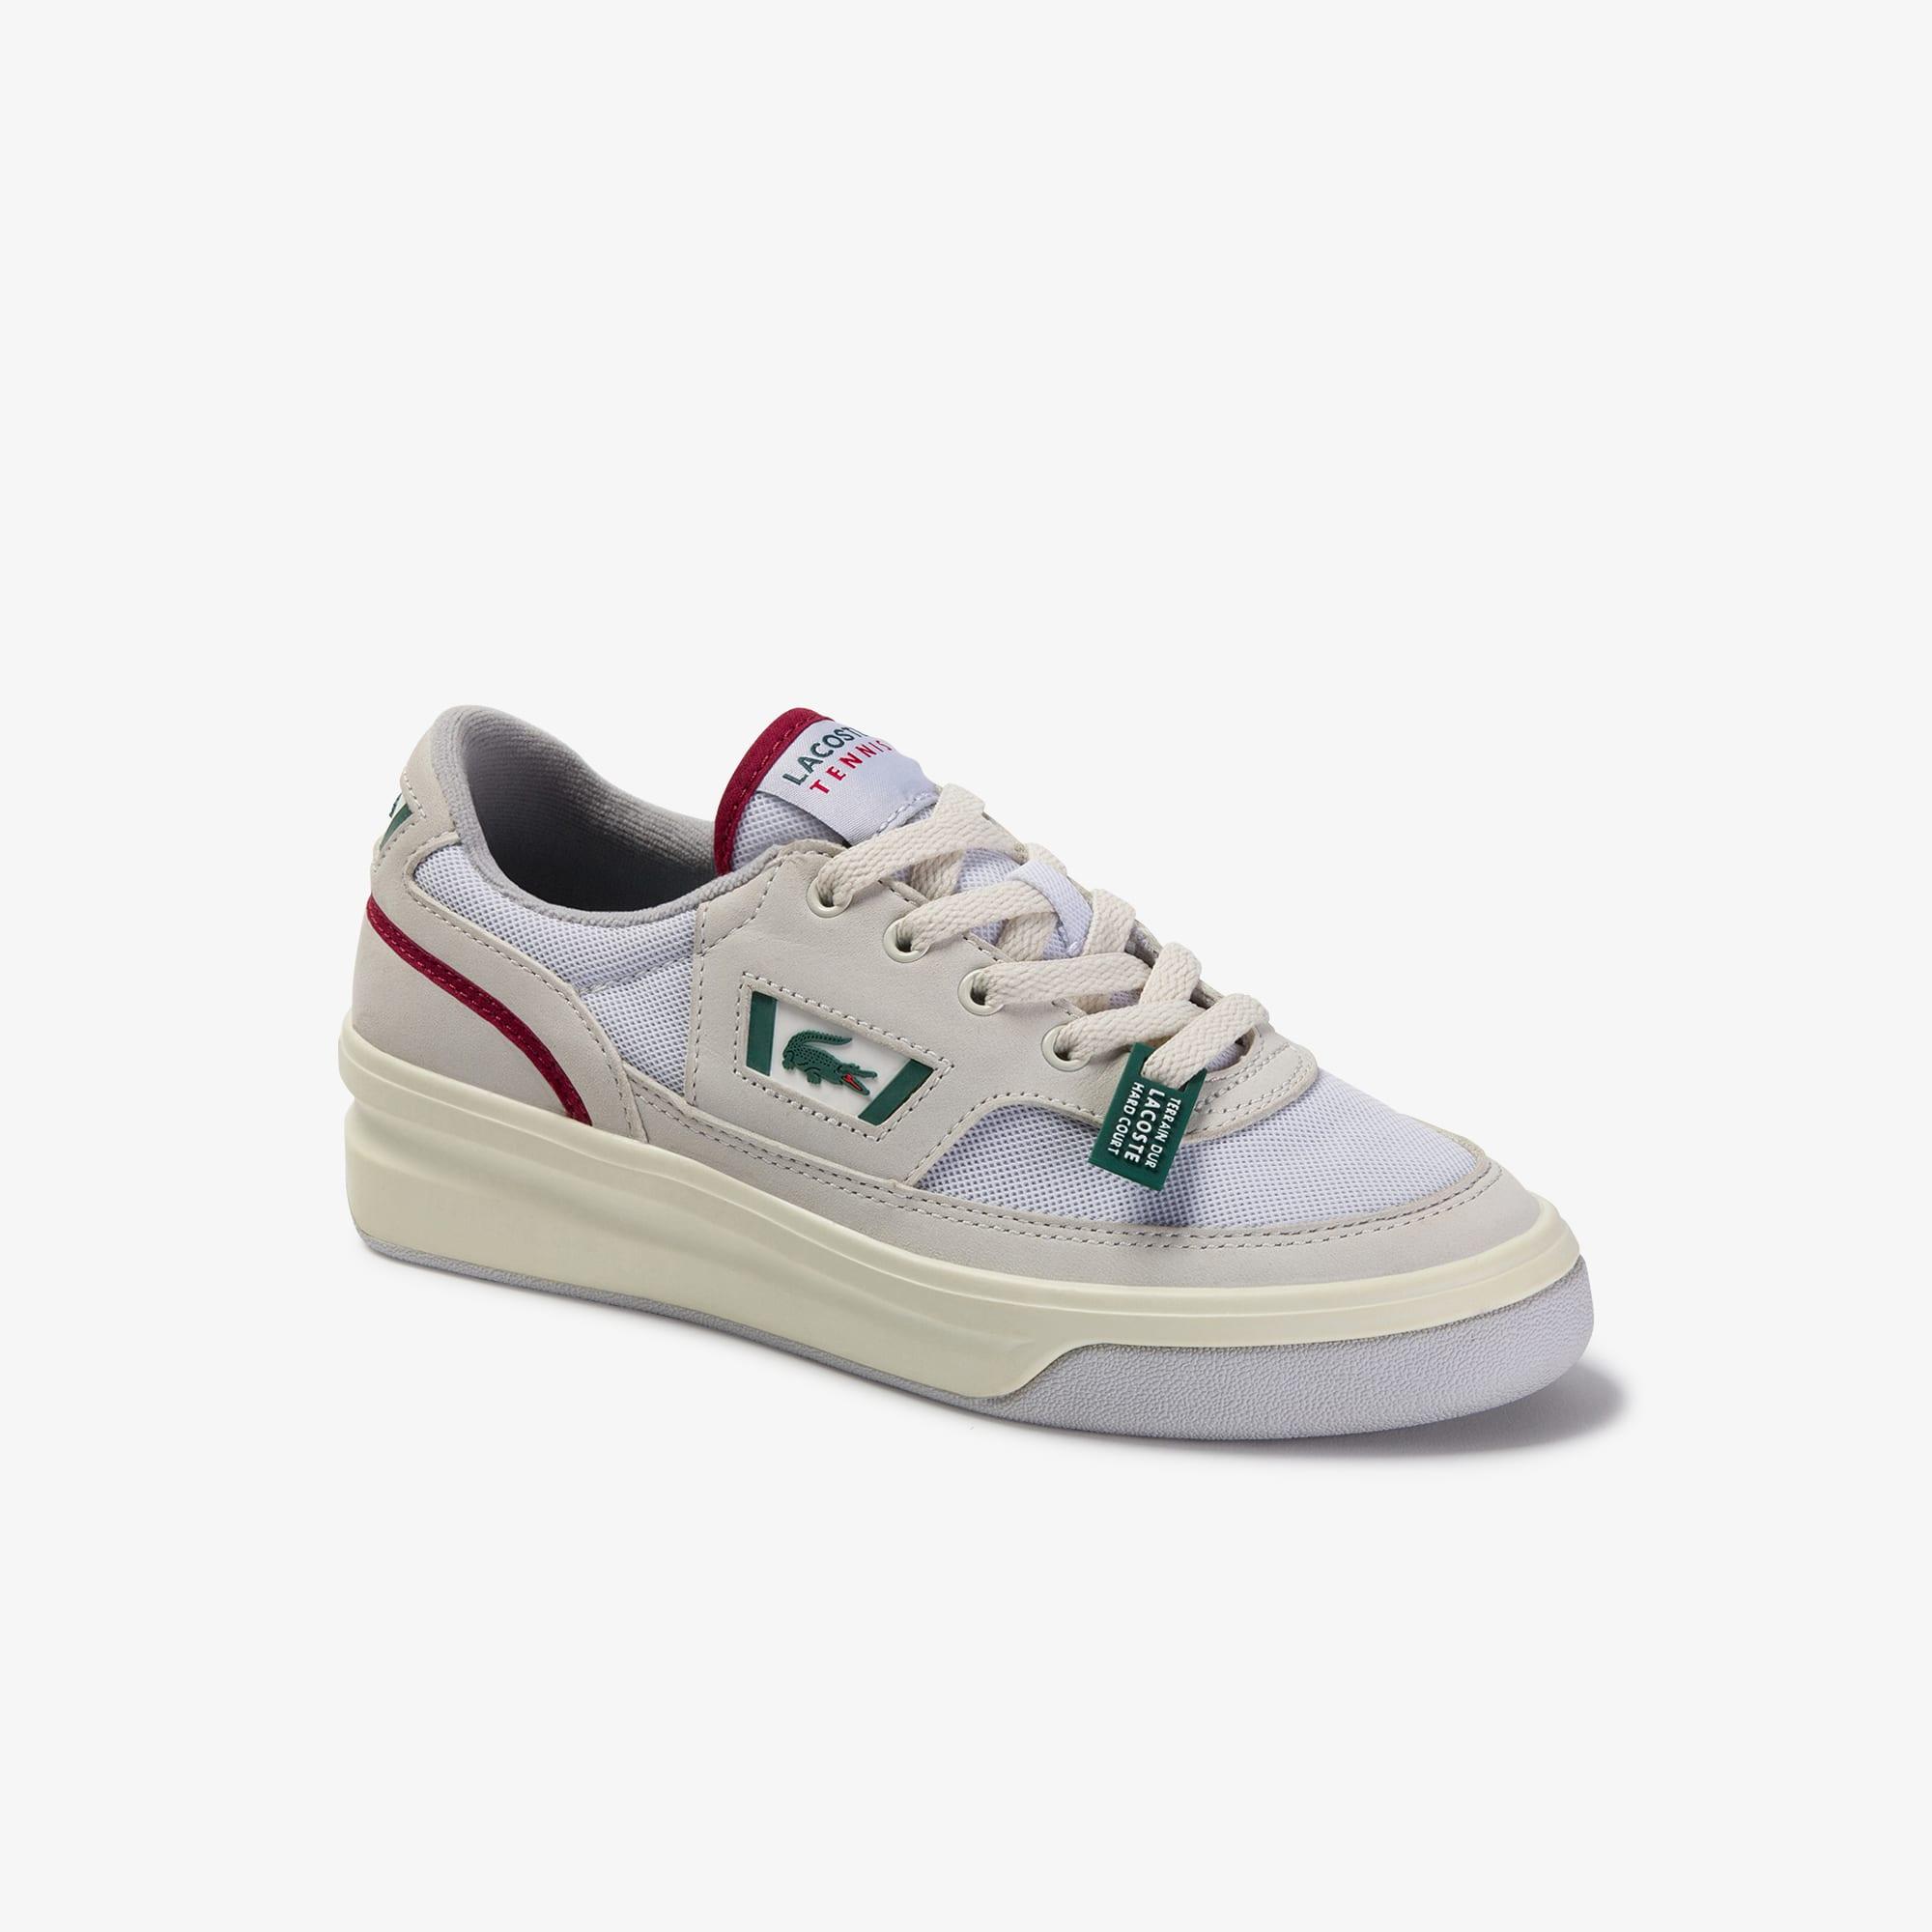 حذاء رياضي خفيف من مجموعة G80 OG مصنوع من الجلد والقماش